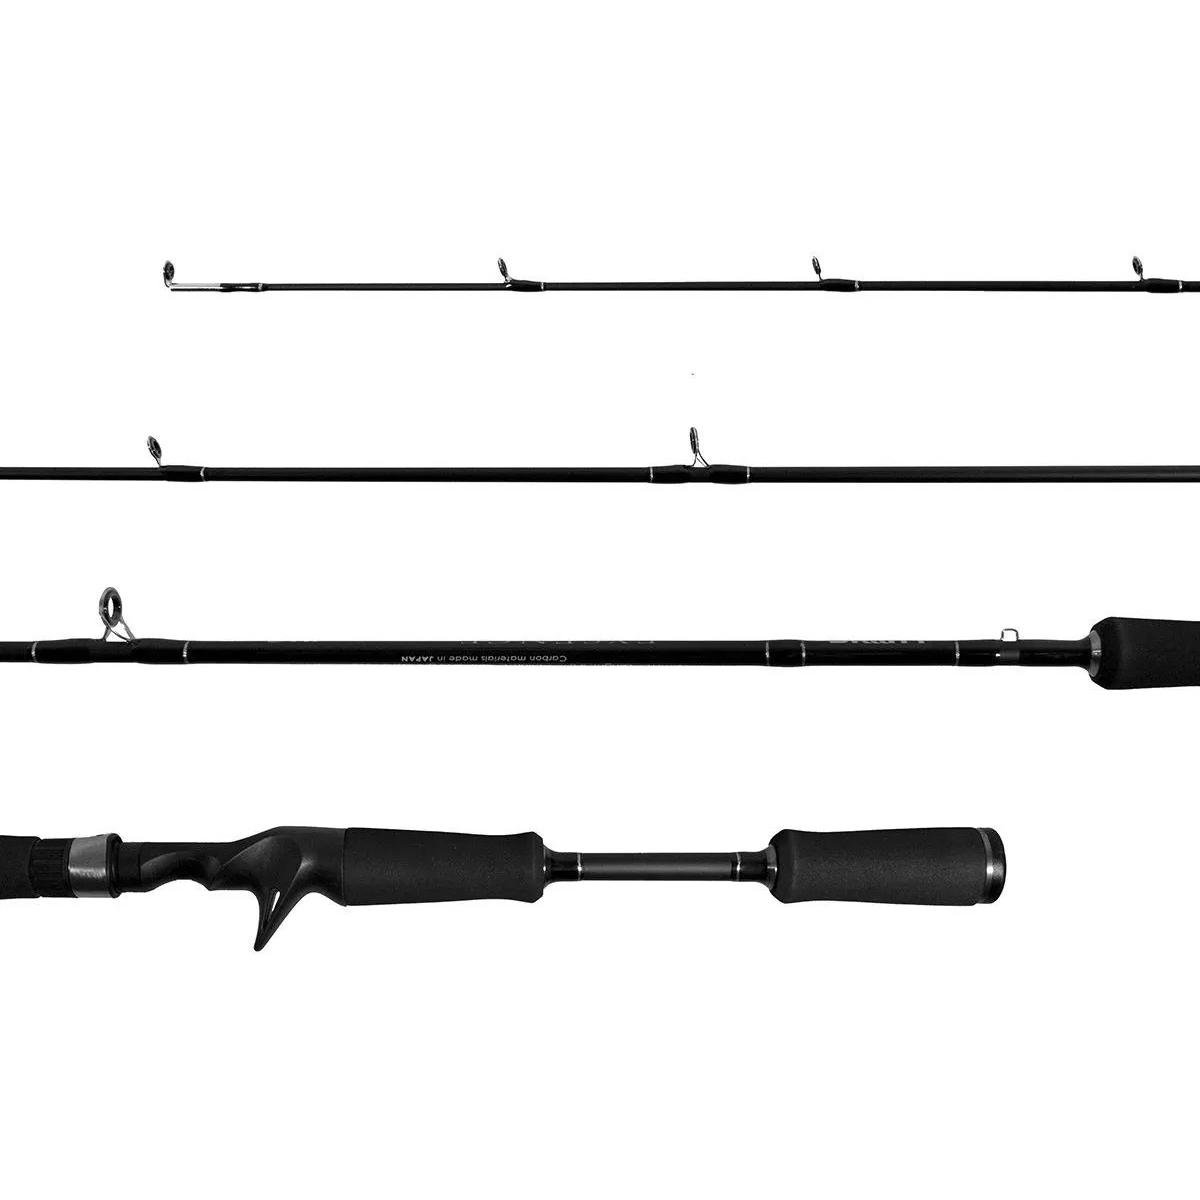 Vara Lumis Exsence 562 (1,68m) 8-20 lb P/ Carretilha 2 Partes  - Pesca Adventure